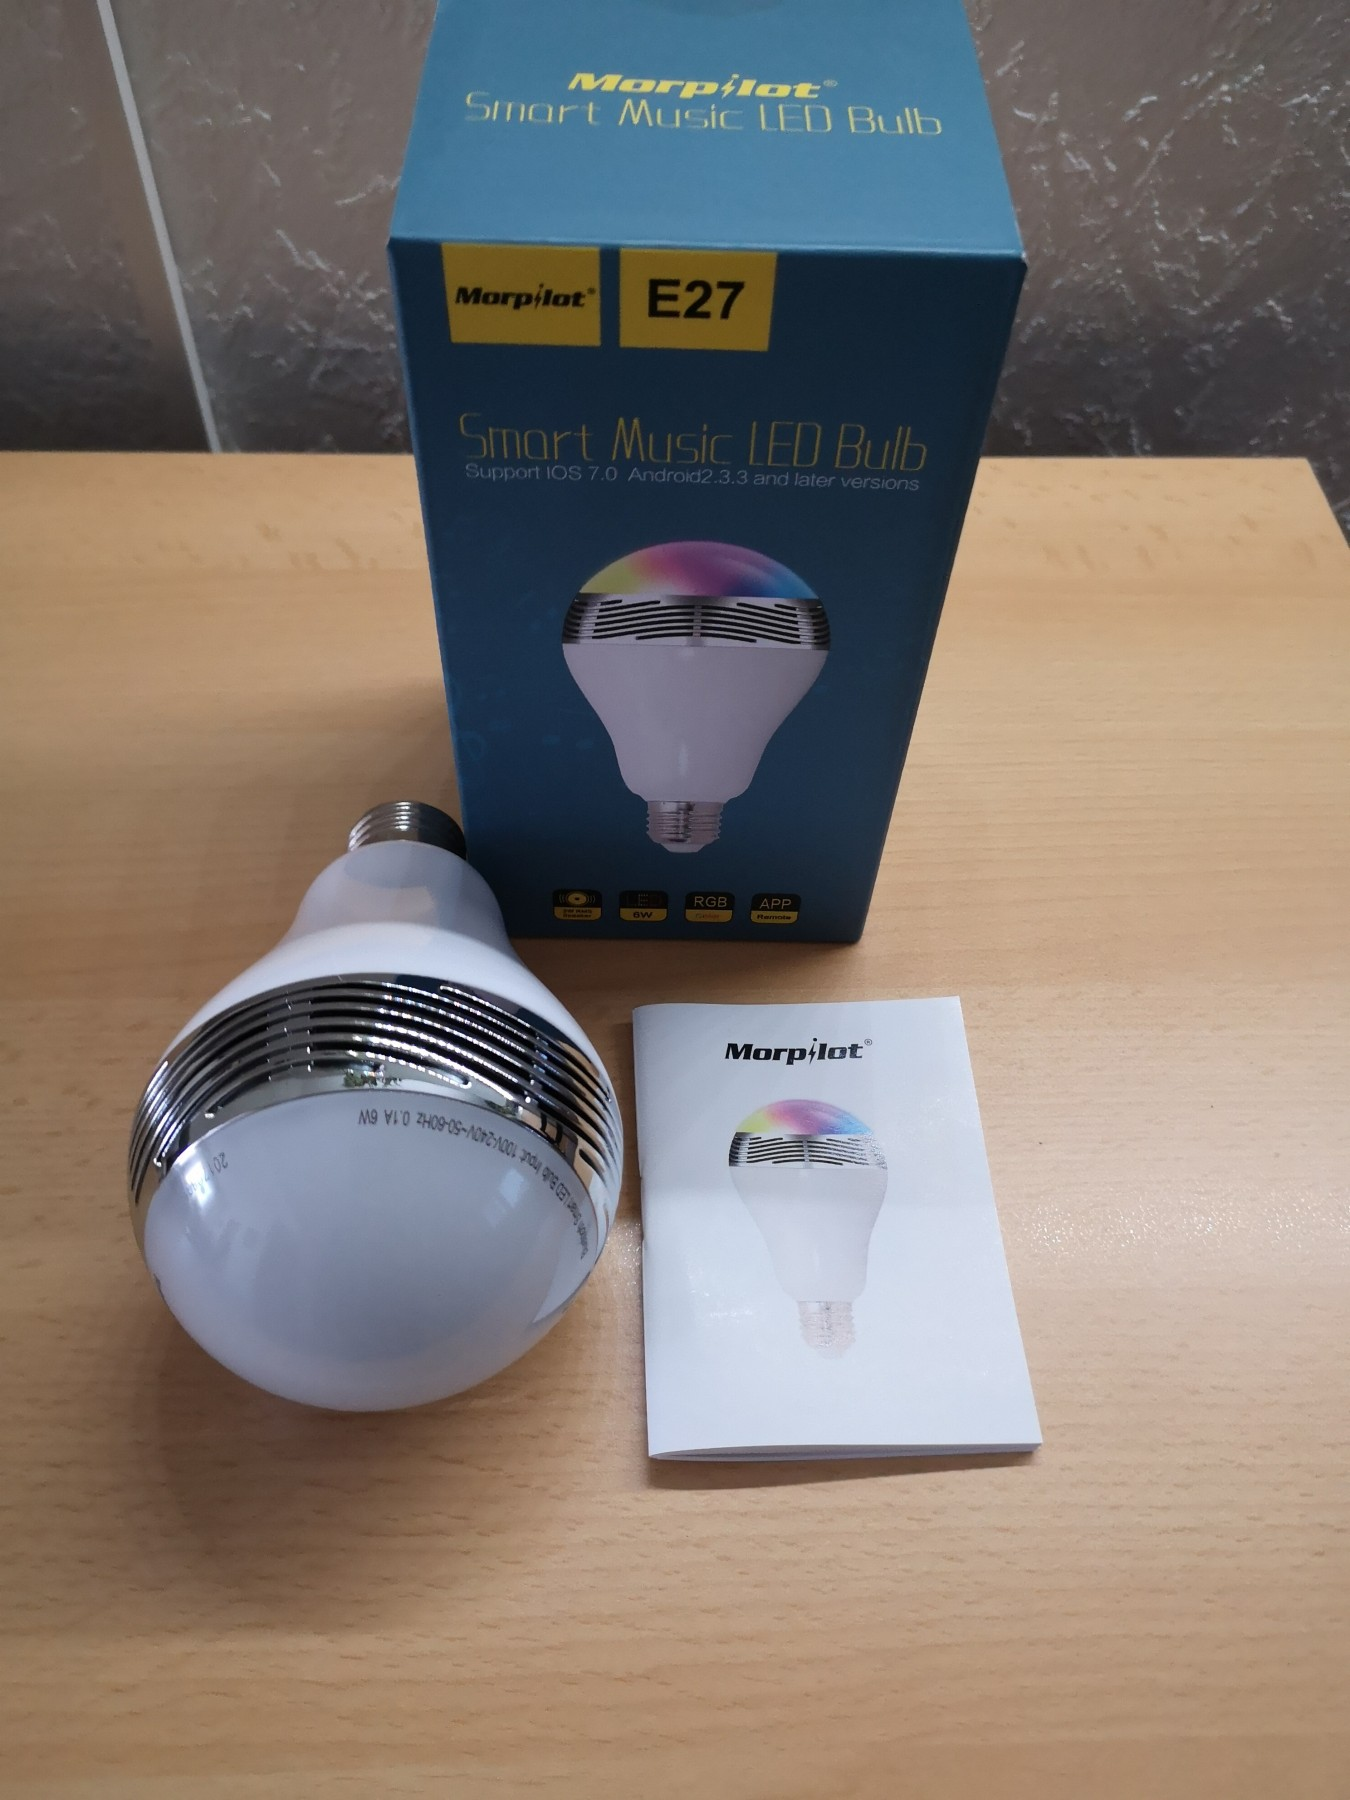 Sehr gute LED Birne mit Abstrichen beim Lautsprecher